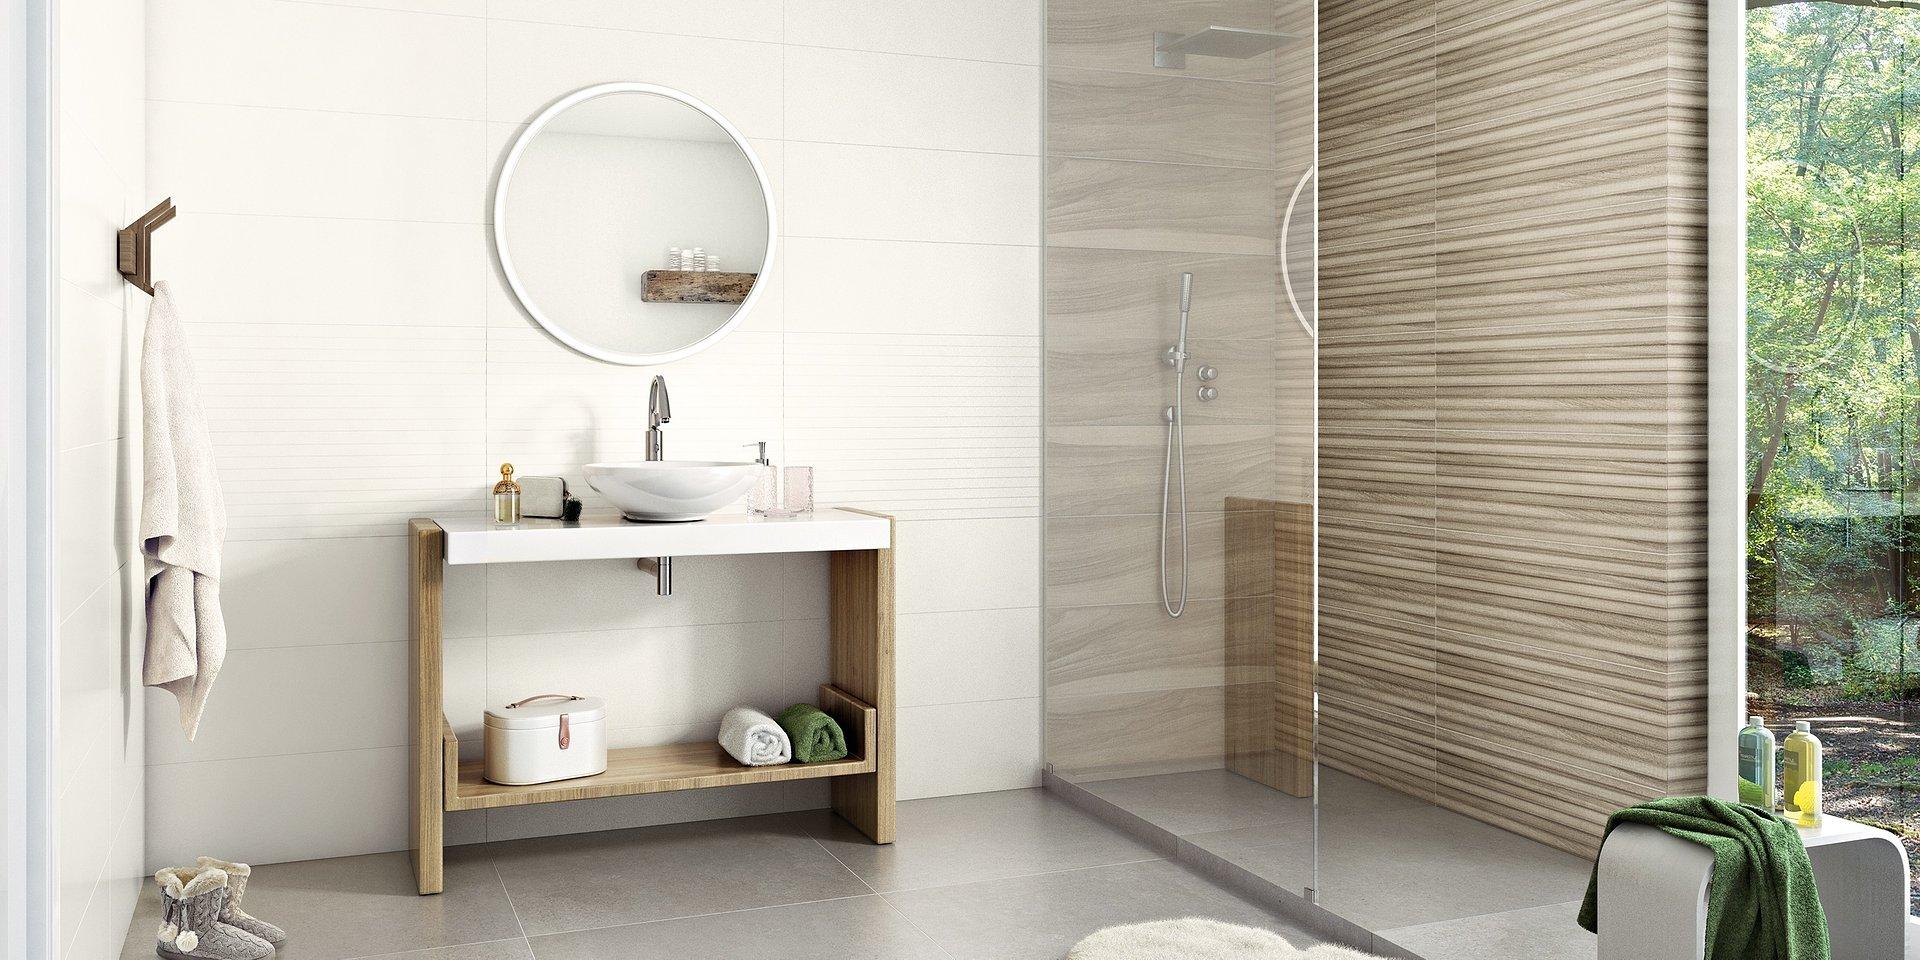 Jak zaplanować i przetrwać remont łazienki? - Poradnik Ceramiki Paradyż